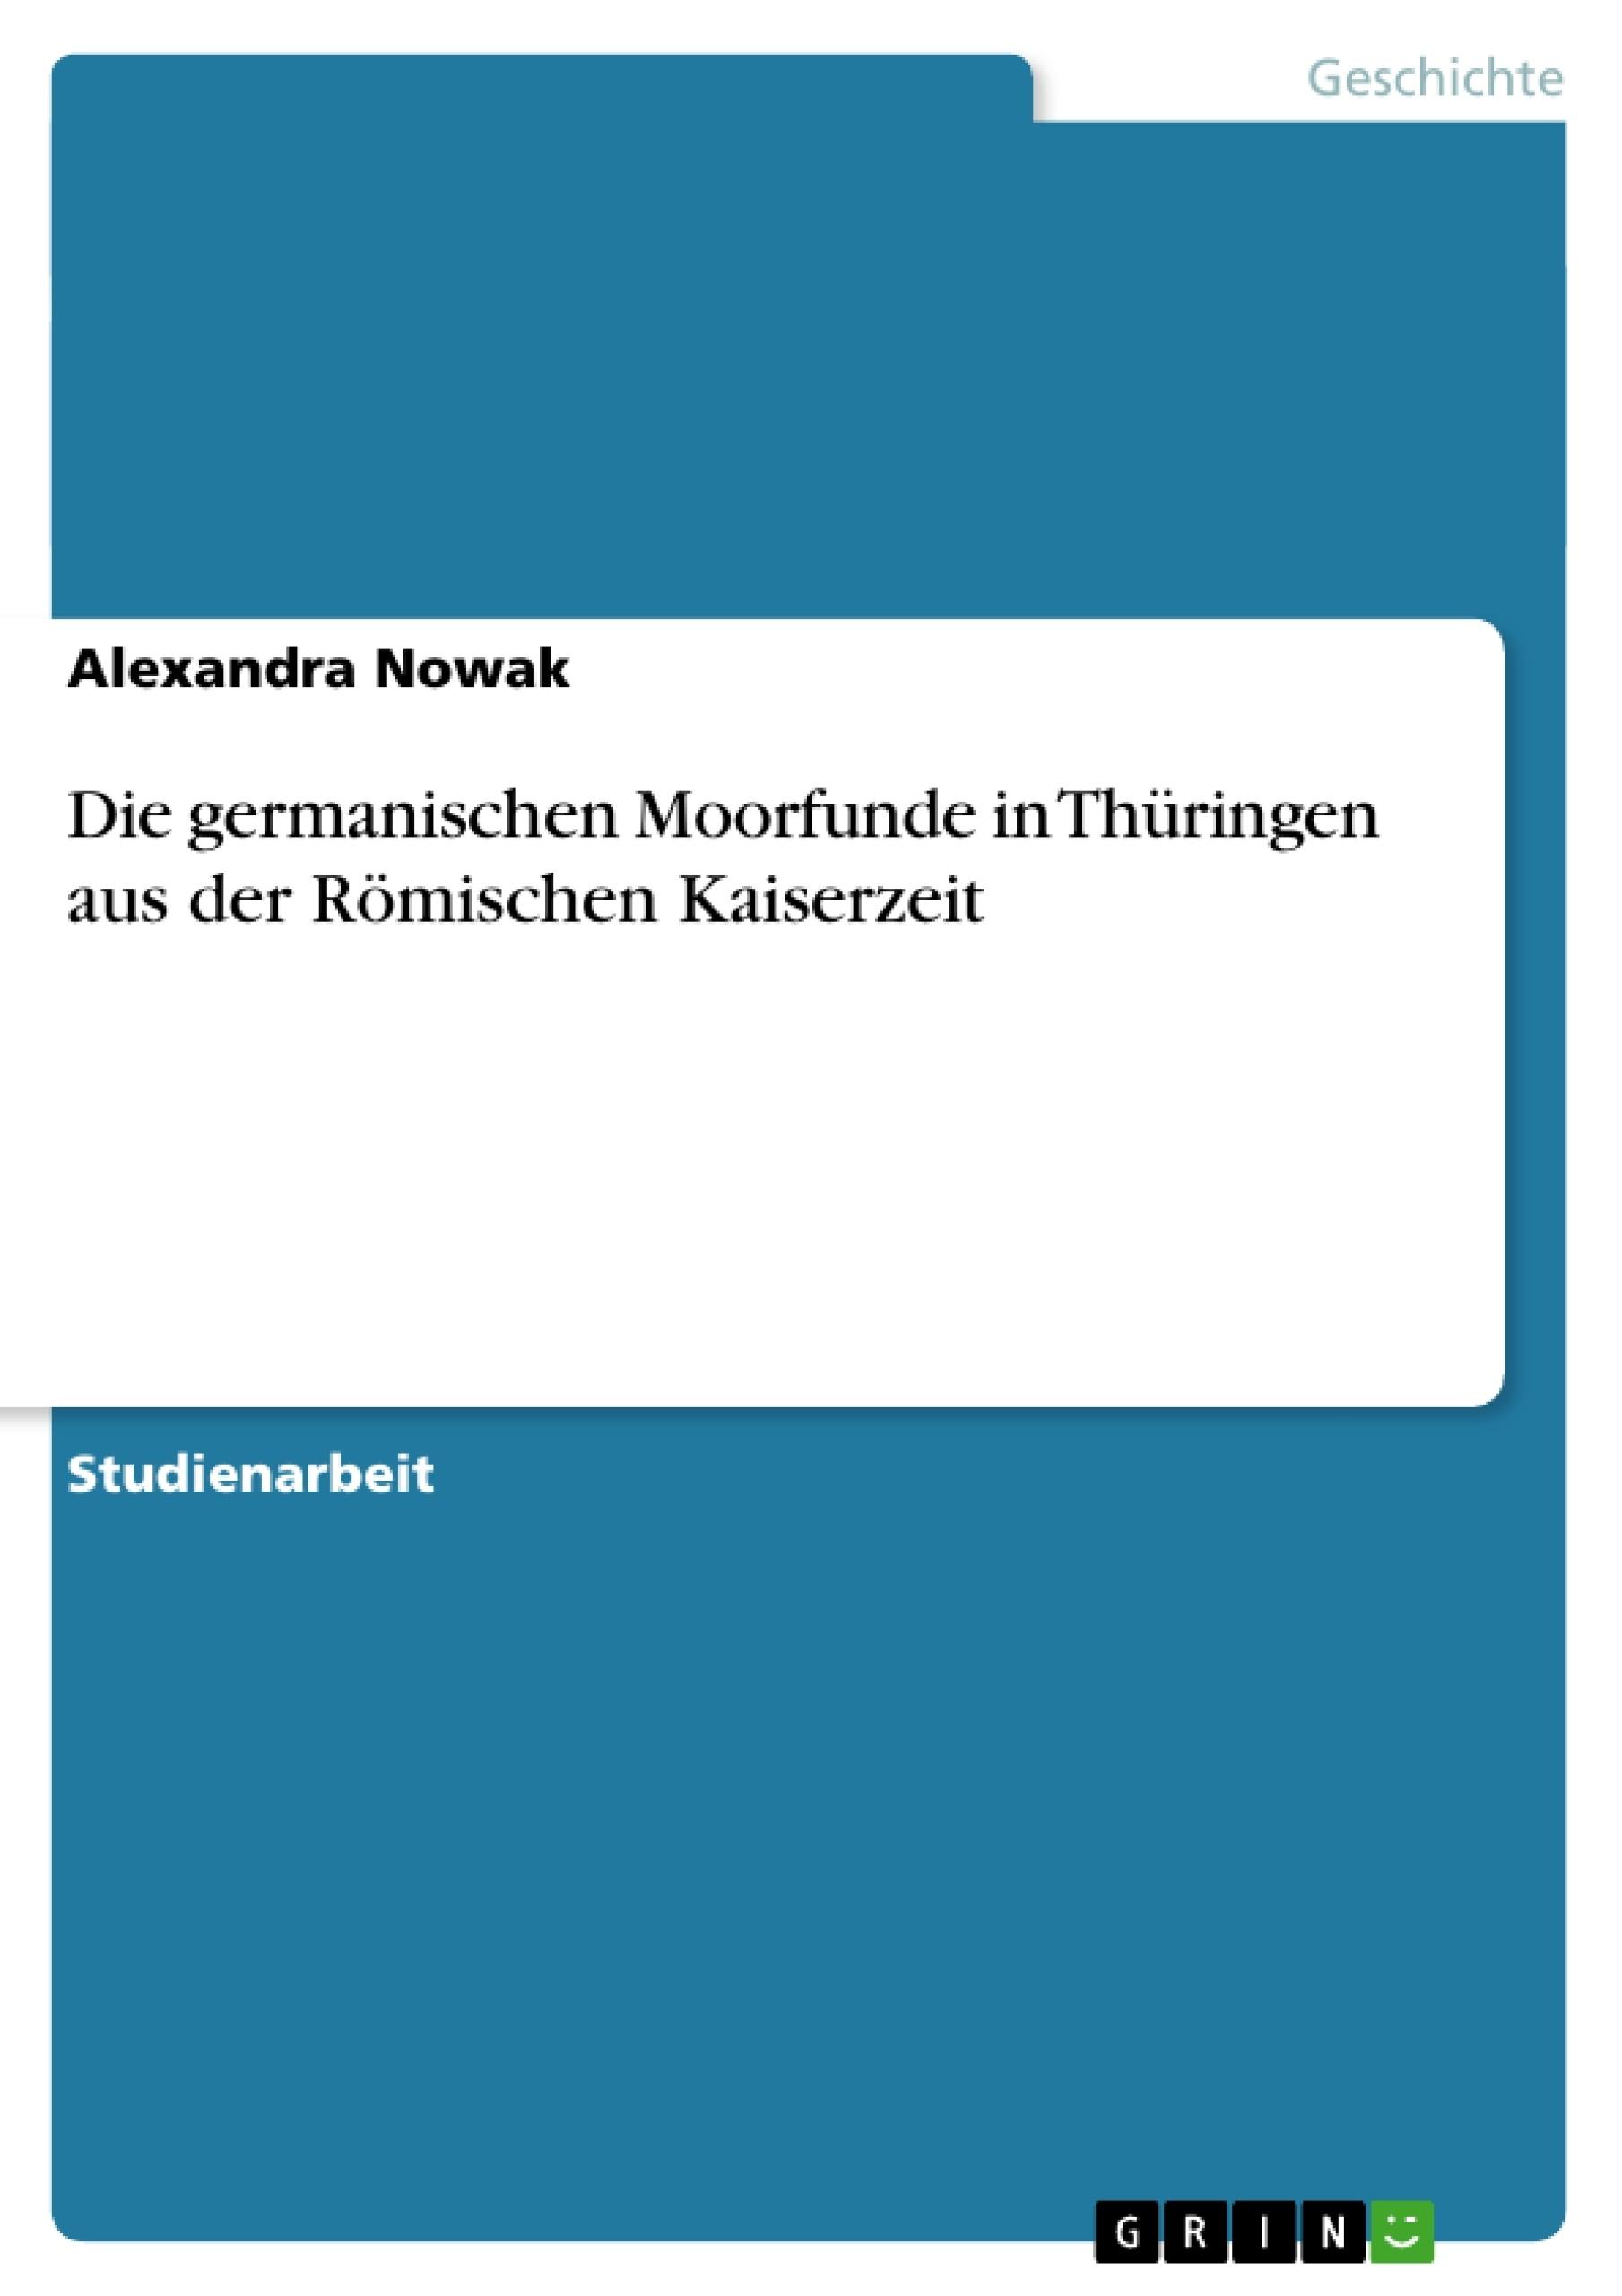 Titel: Die germanischen Moorfunde in Thüringen aus der Römischen Kaiserzeit